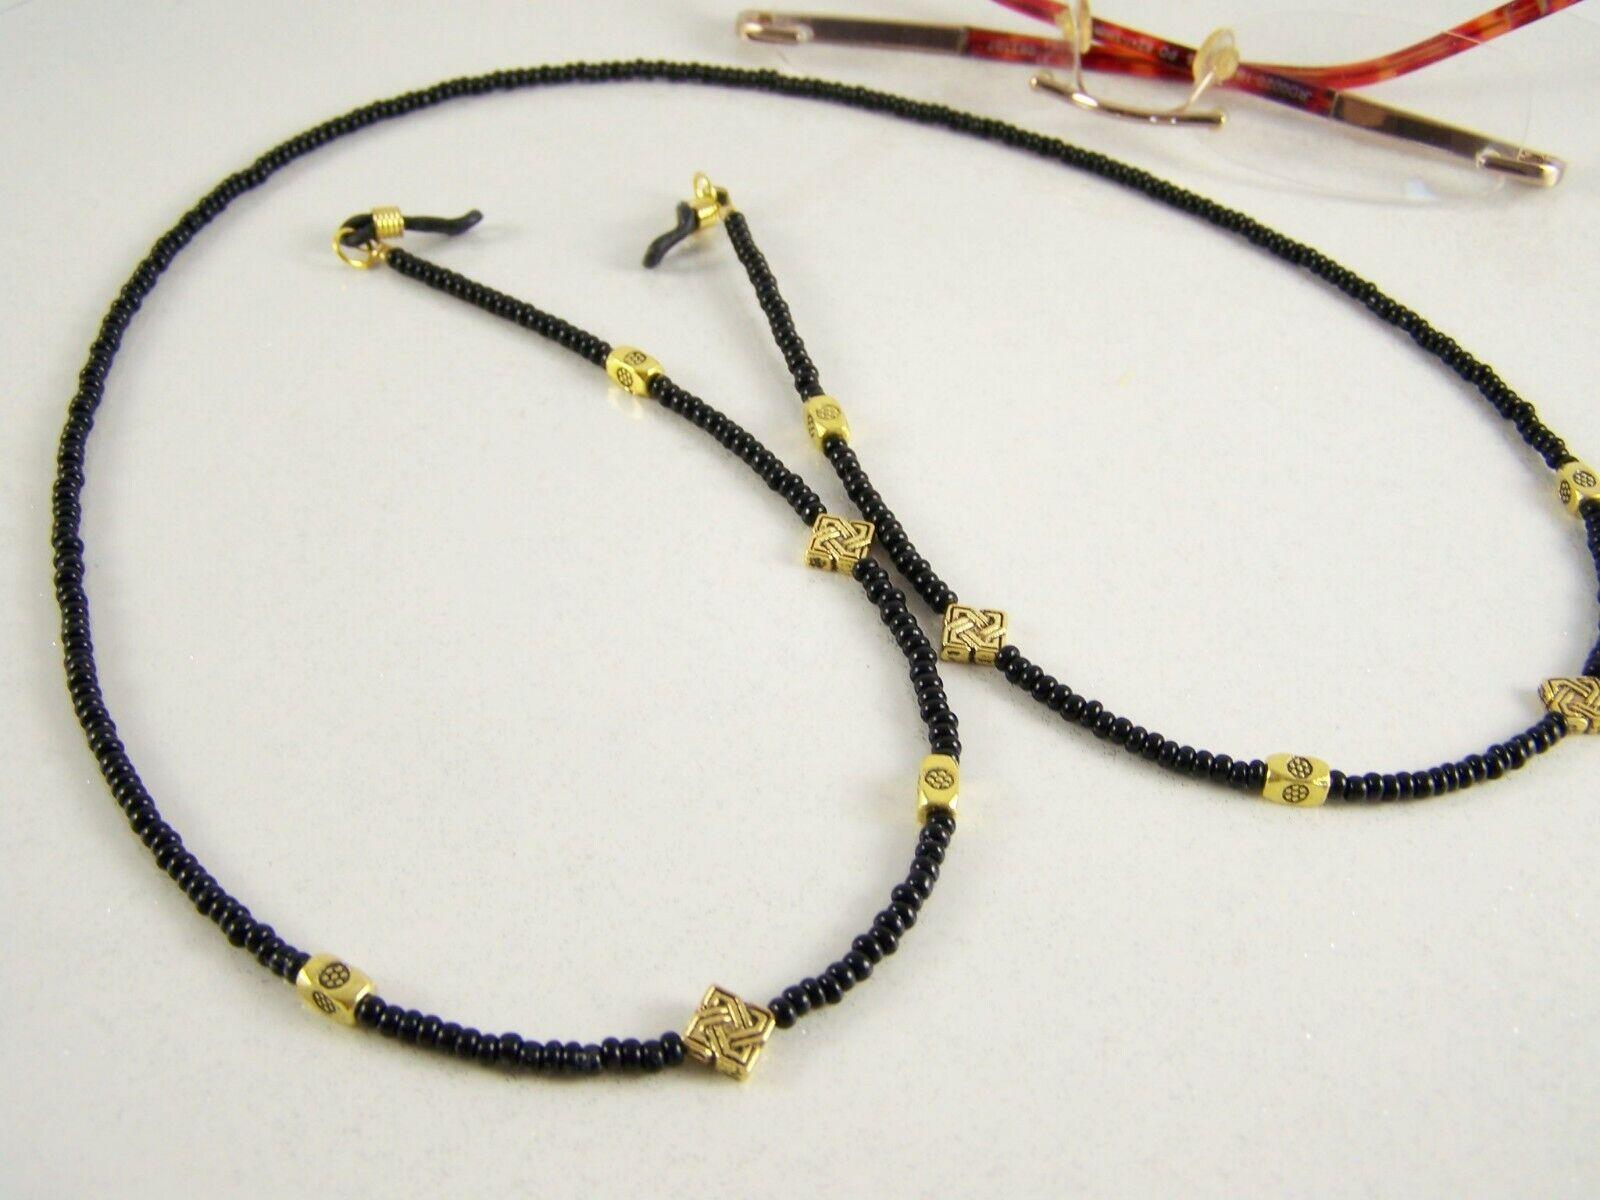 goldfarben + schwarz, Brillenkette Brillenband Kordel Kette Halsschmuck Damen